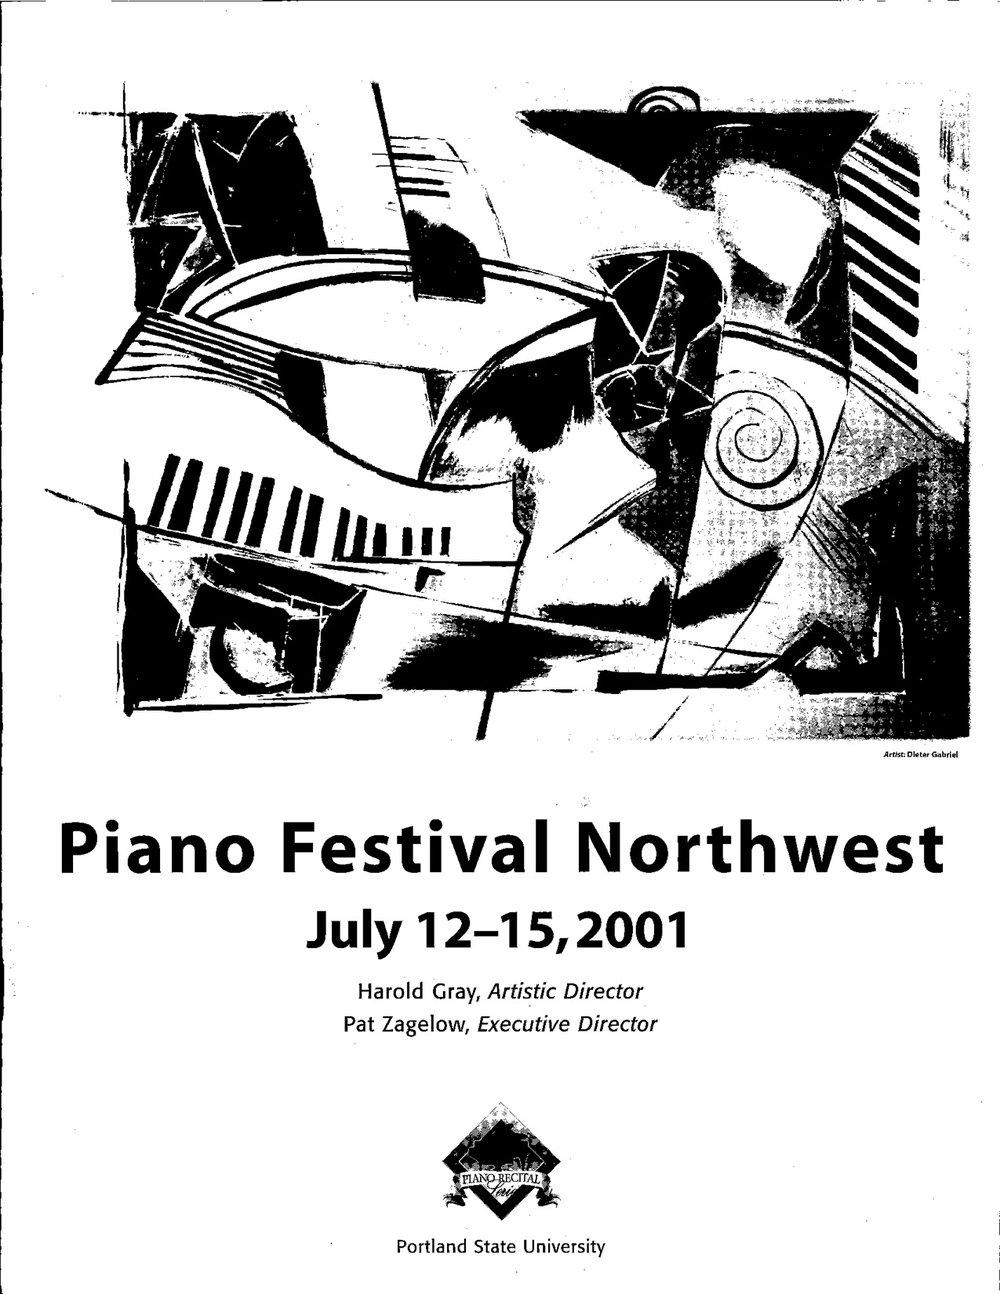 Fest2001_1.jpg